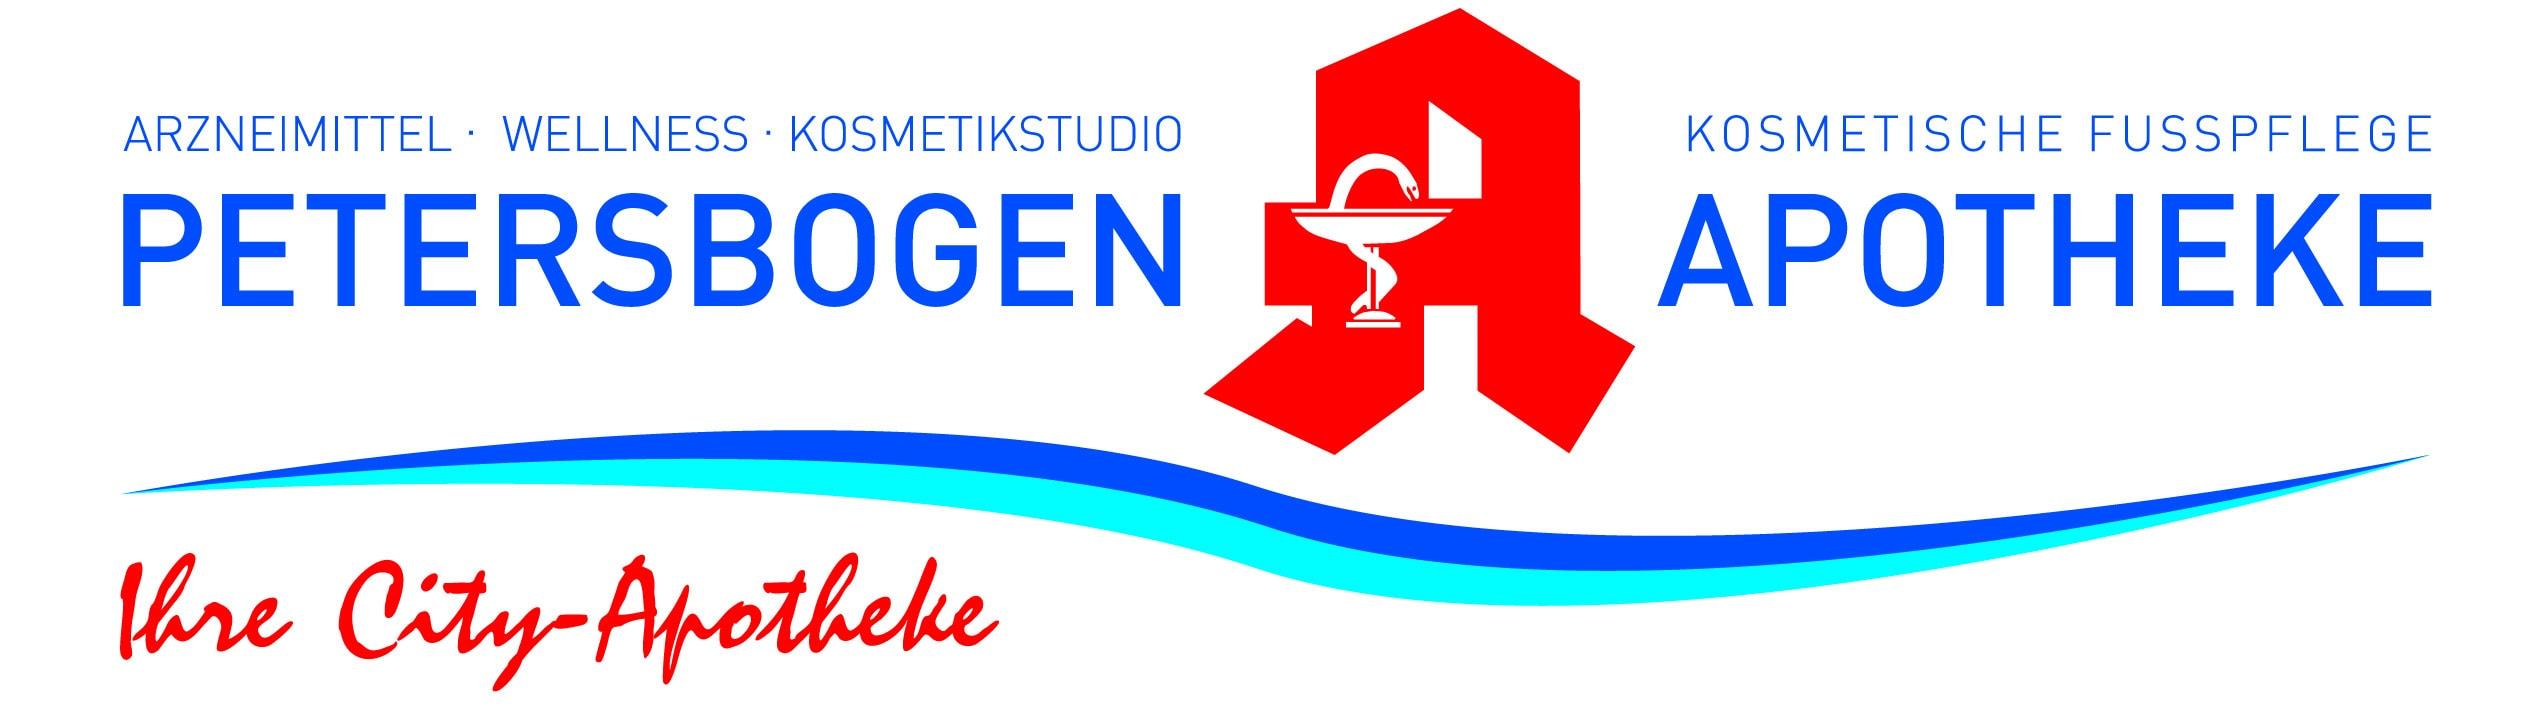 Apotheke Petersbogen_Logo